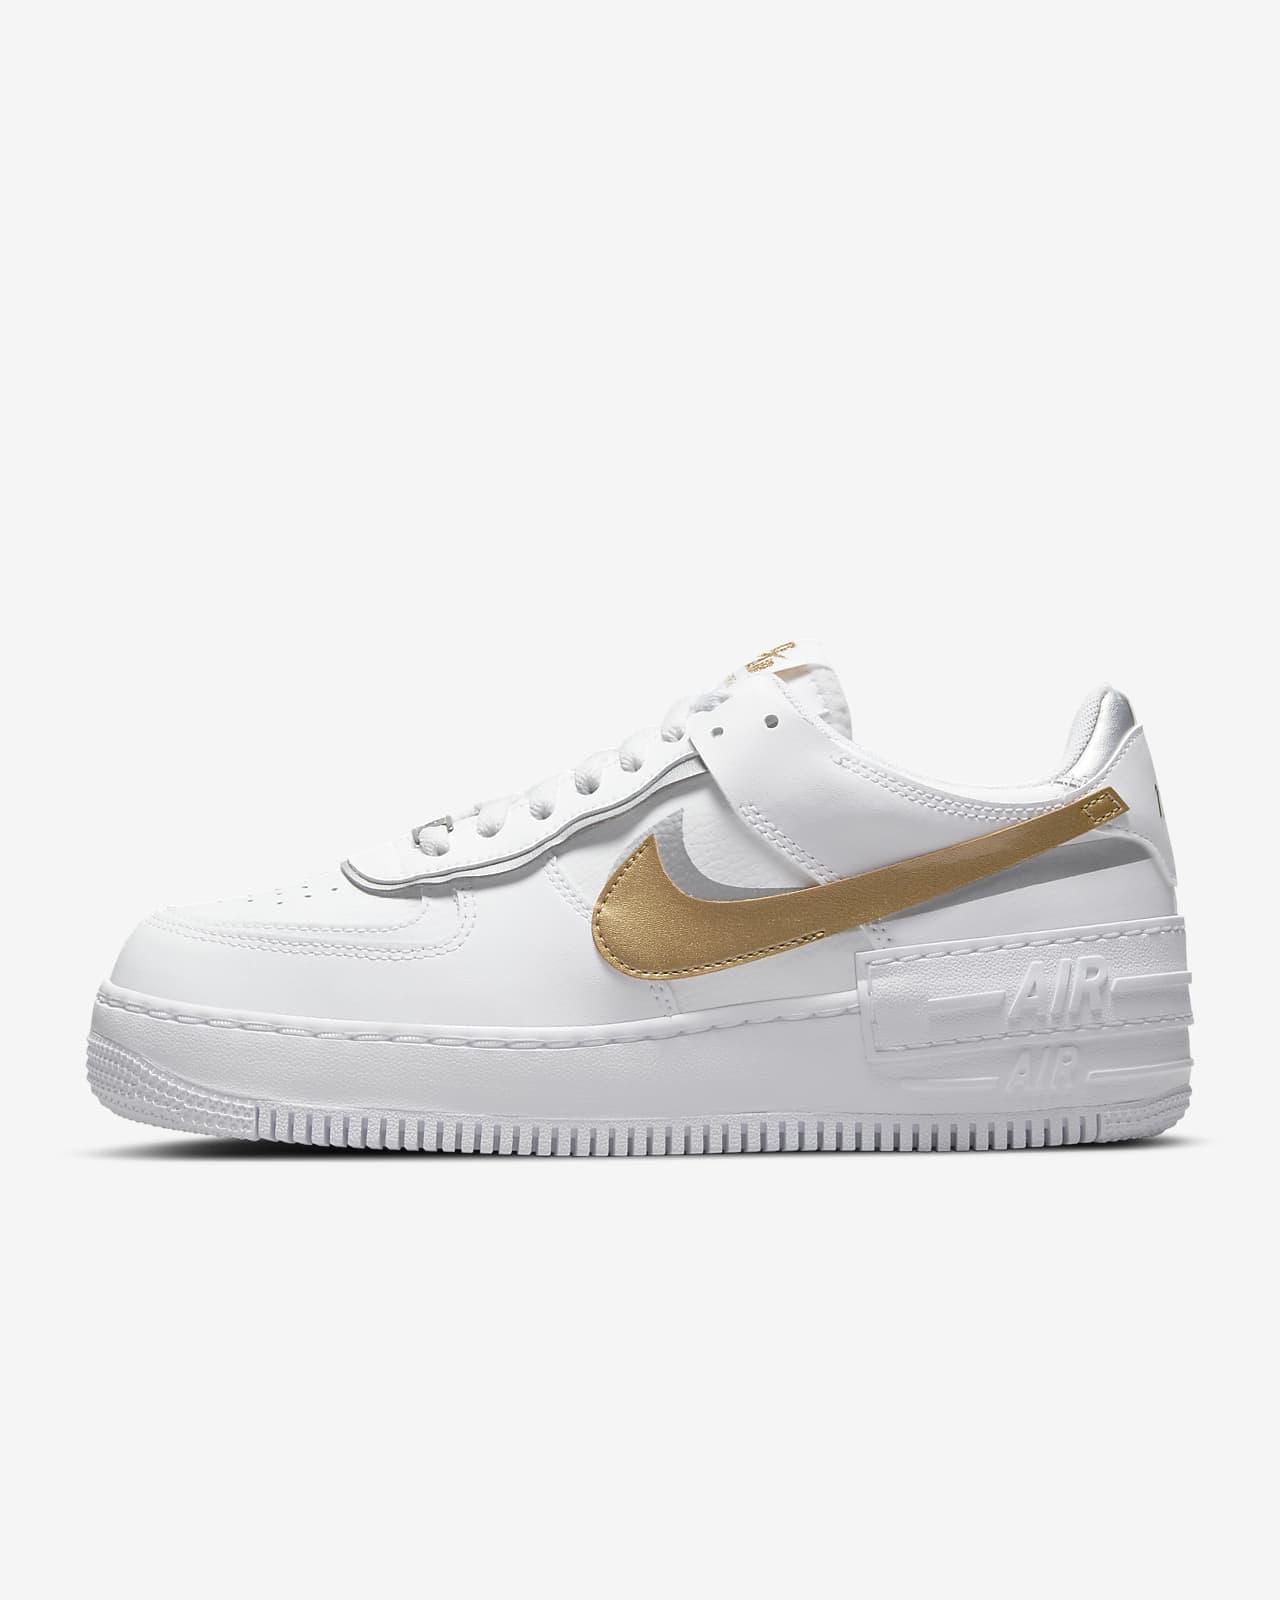 รองเท้าผู้หญิง Nike Air Force 1 Shadow